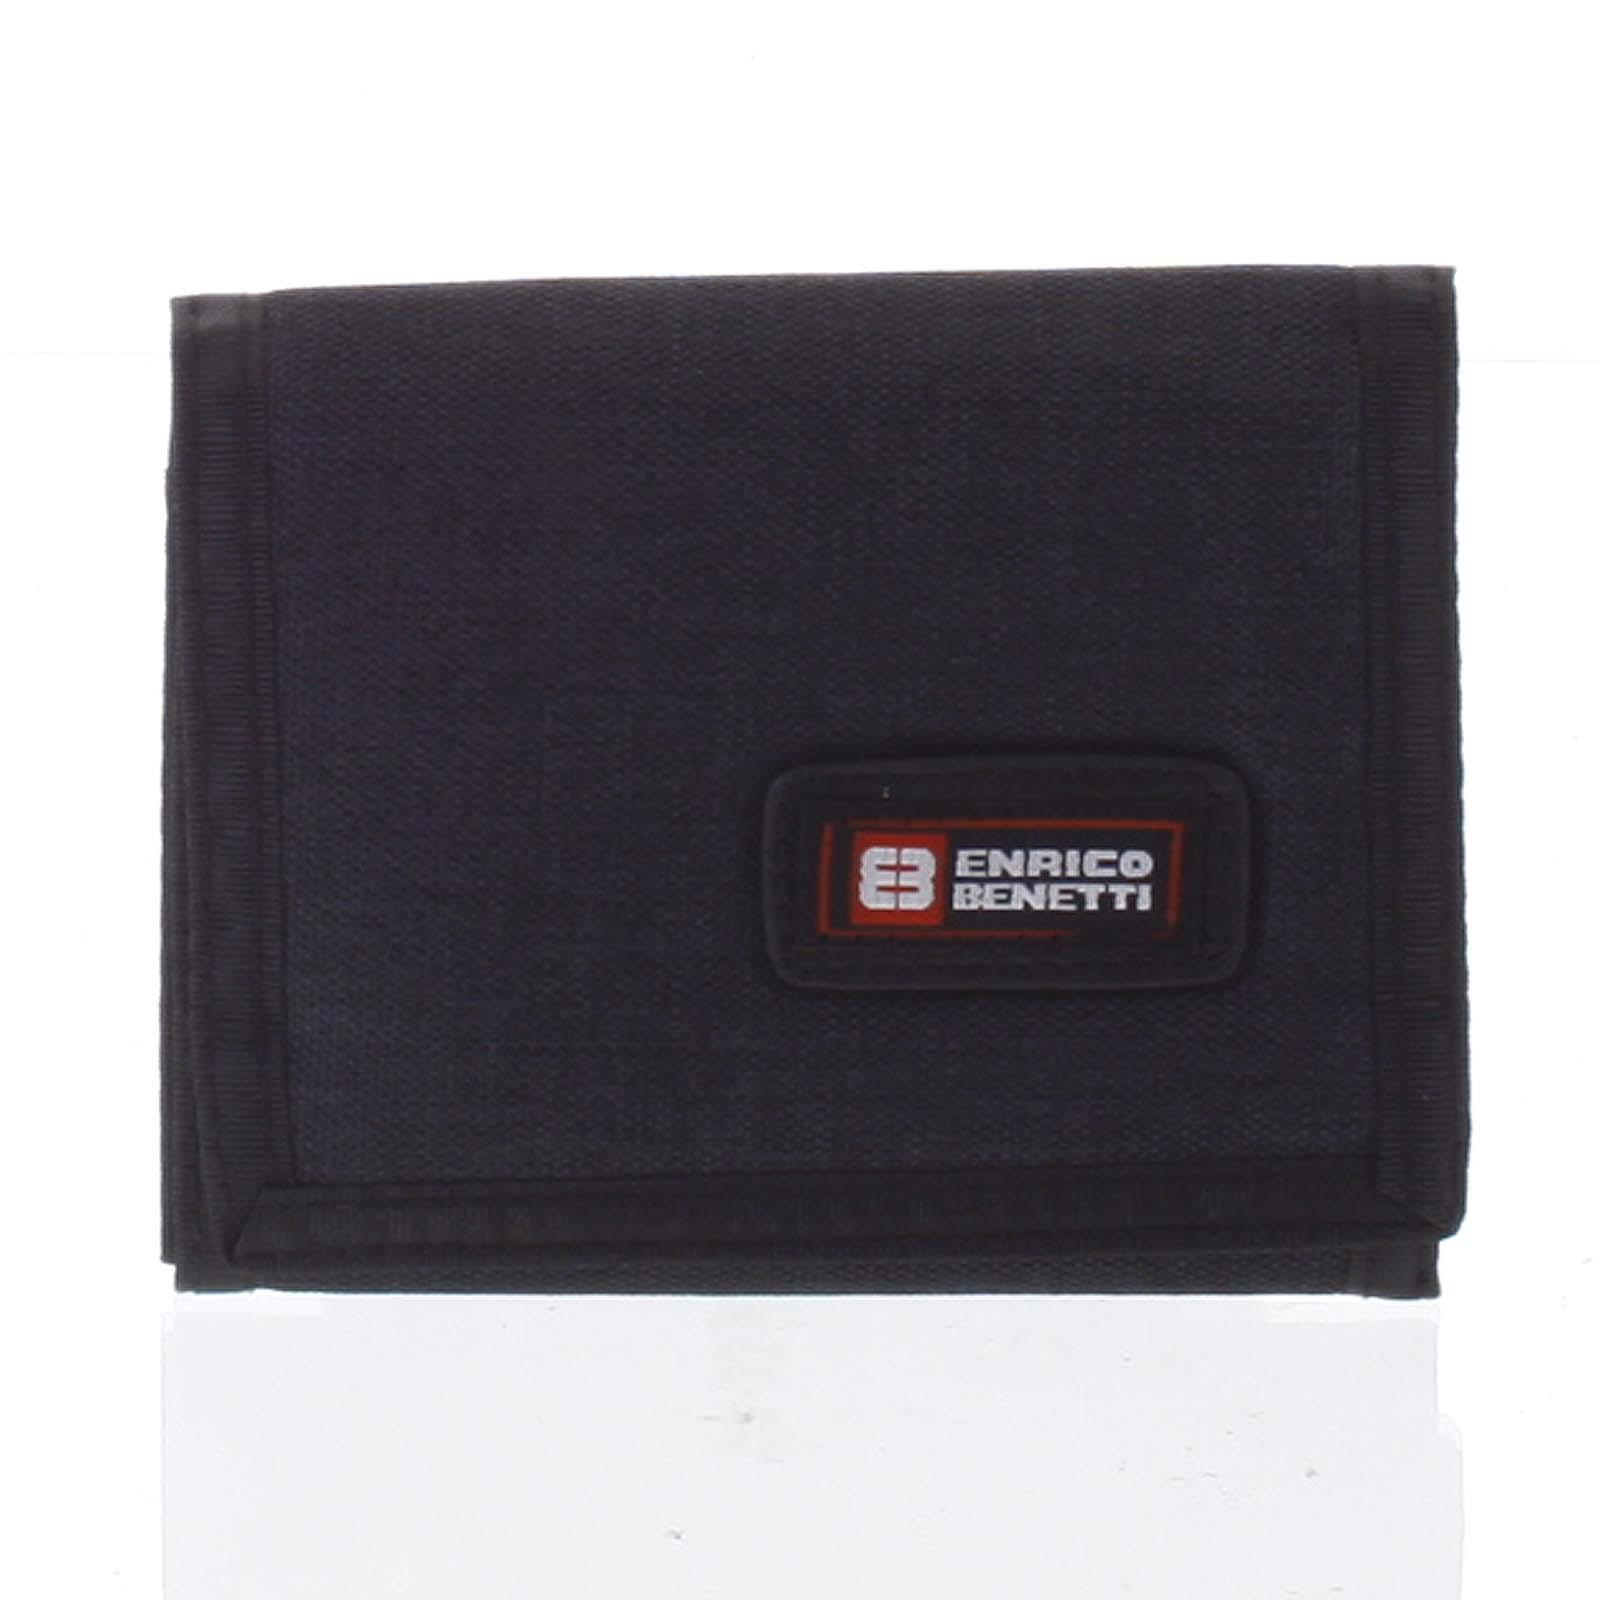 Peňaženka látková čierna - Enrico Benetti 4600 čierna